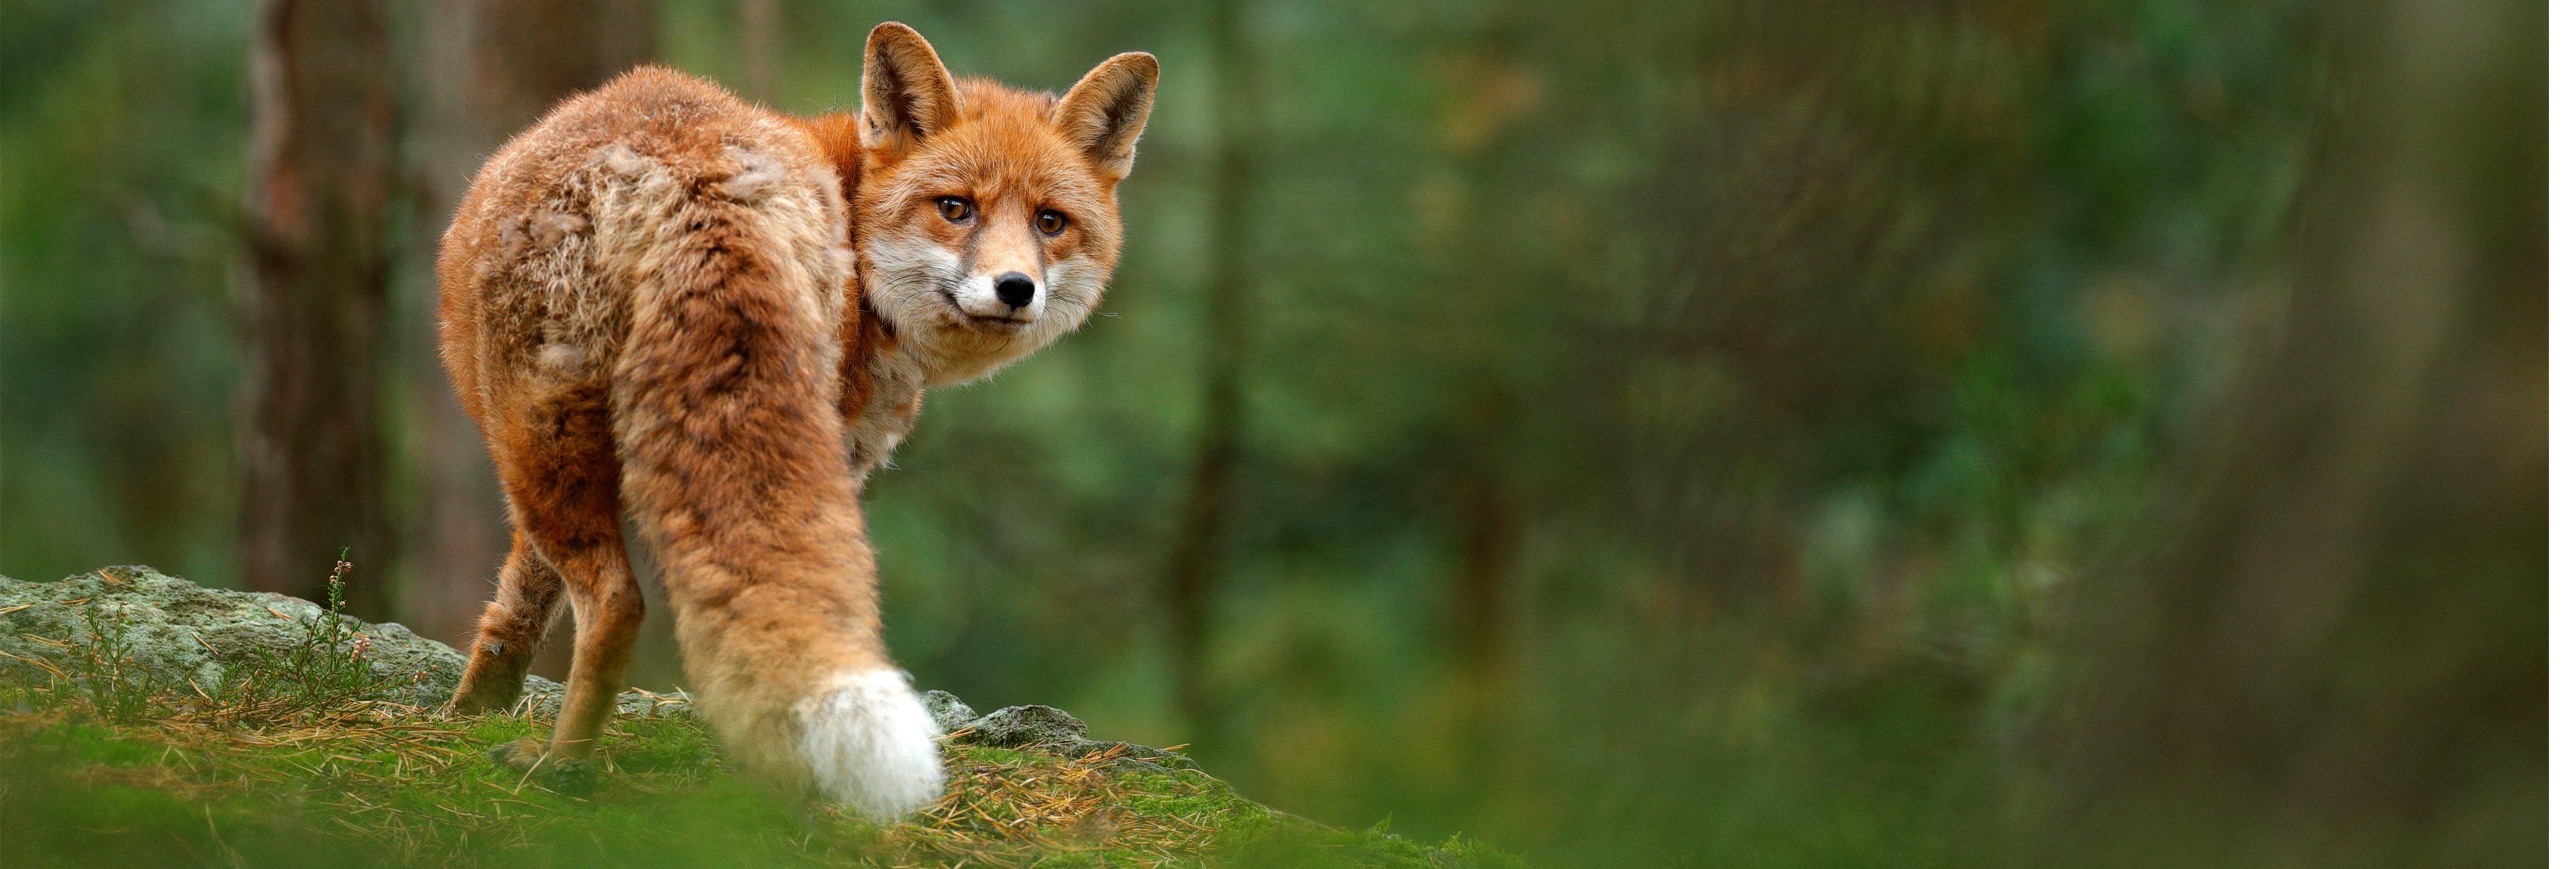 Archivan la causa contra el cazador que mató a golpes a un zorro al no ser un animal doméstico